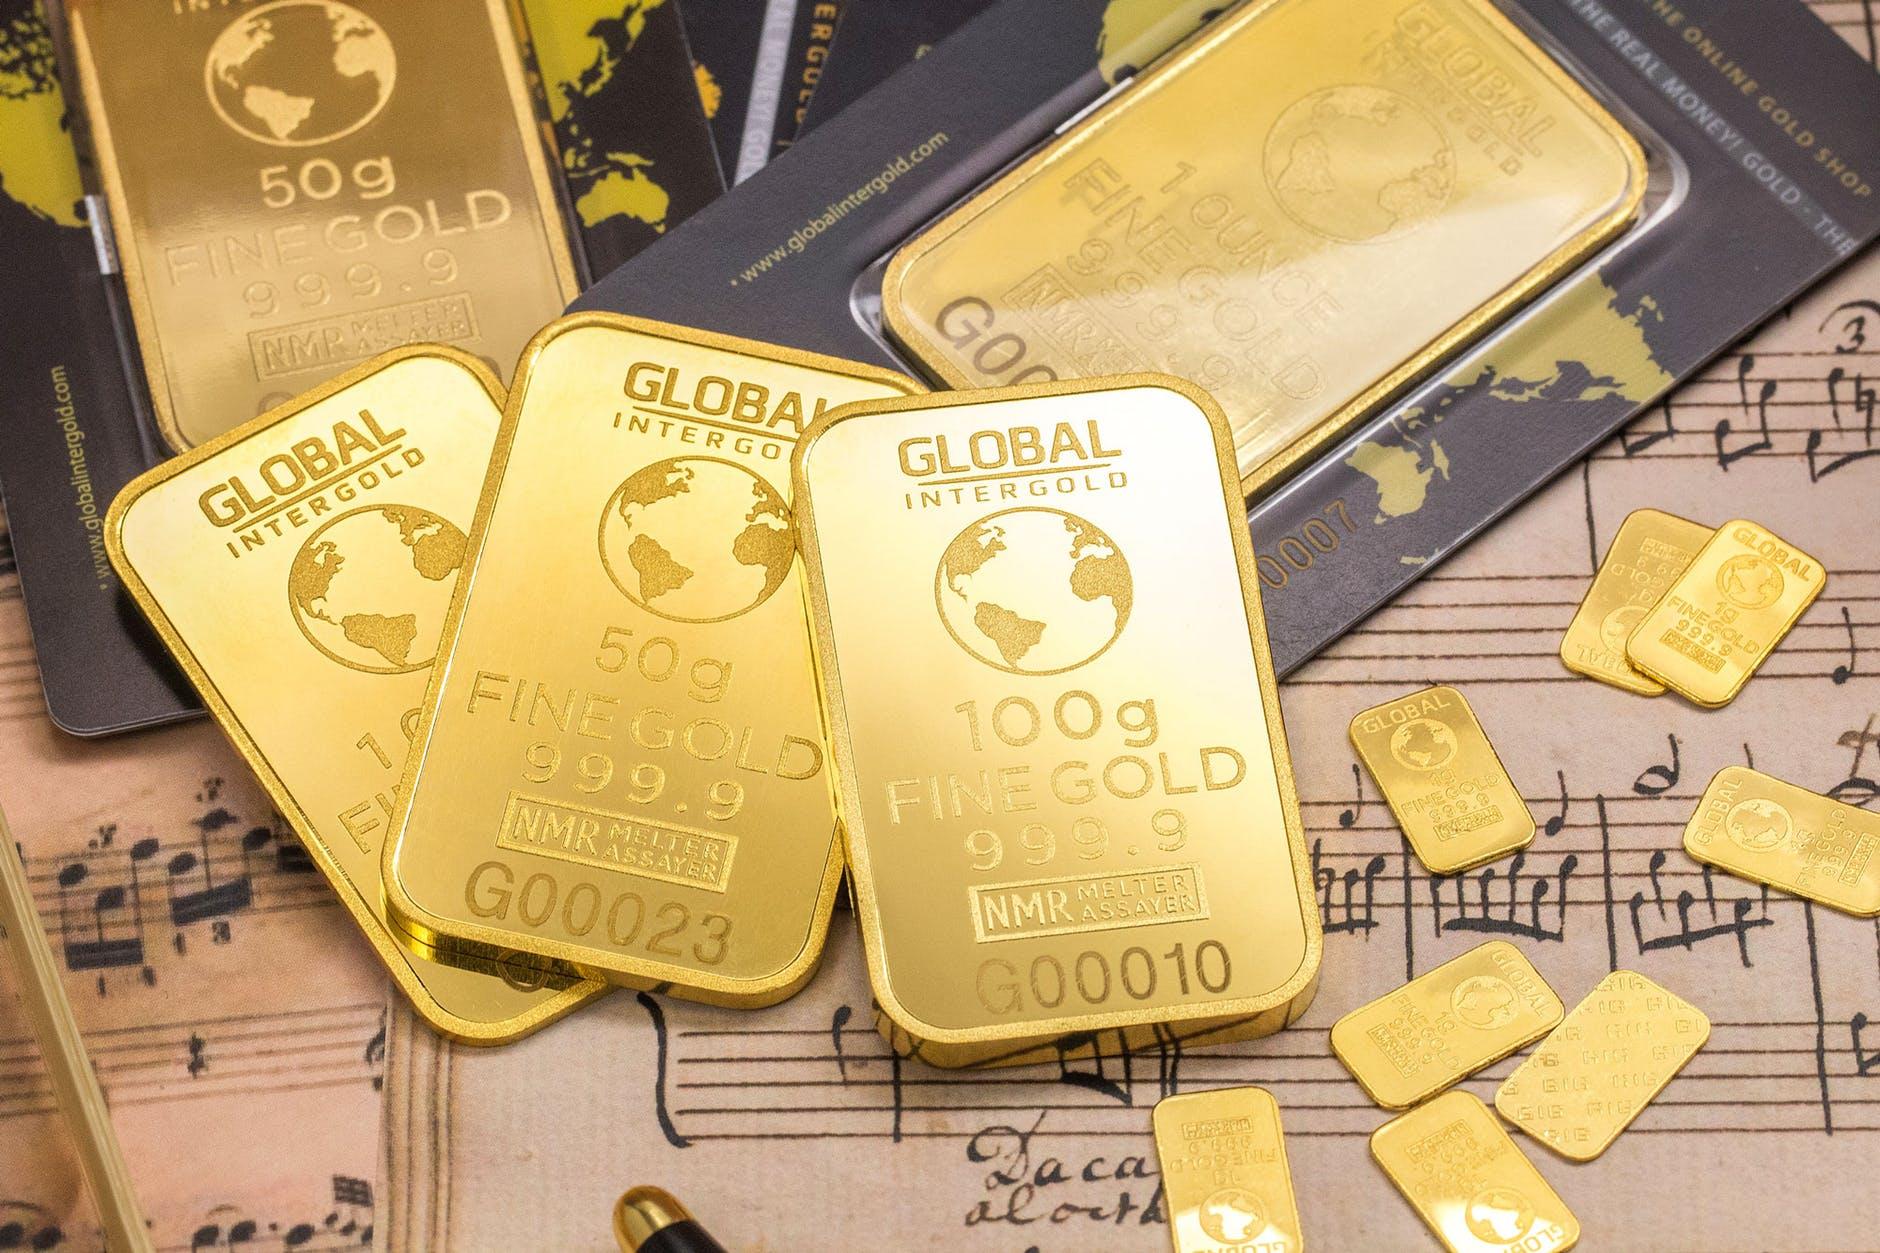 Mau Investasi Tabungan Emas? Pegadaian Saja, Ini Keuntungannya!